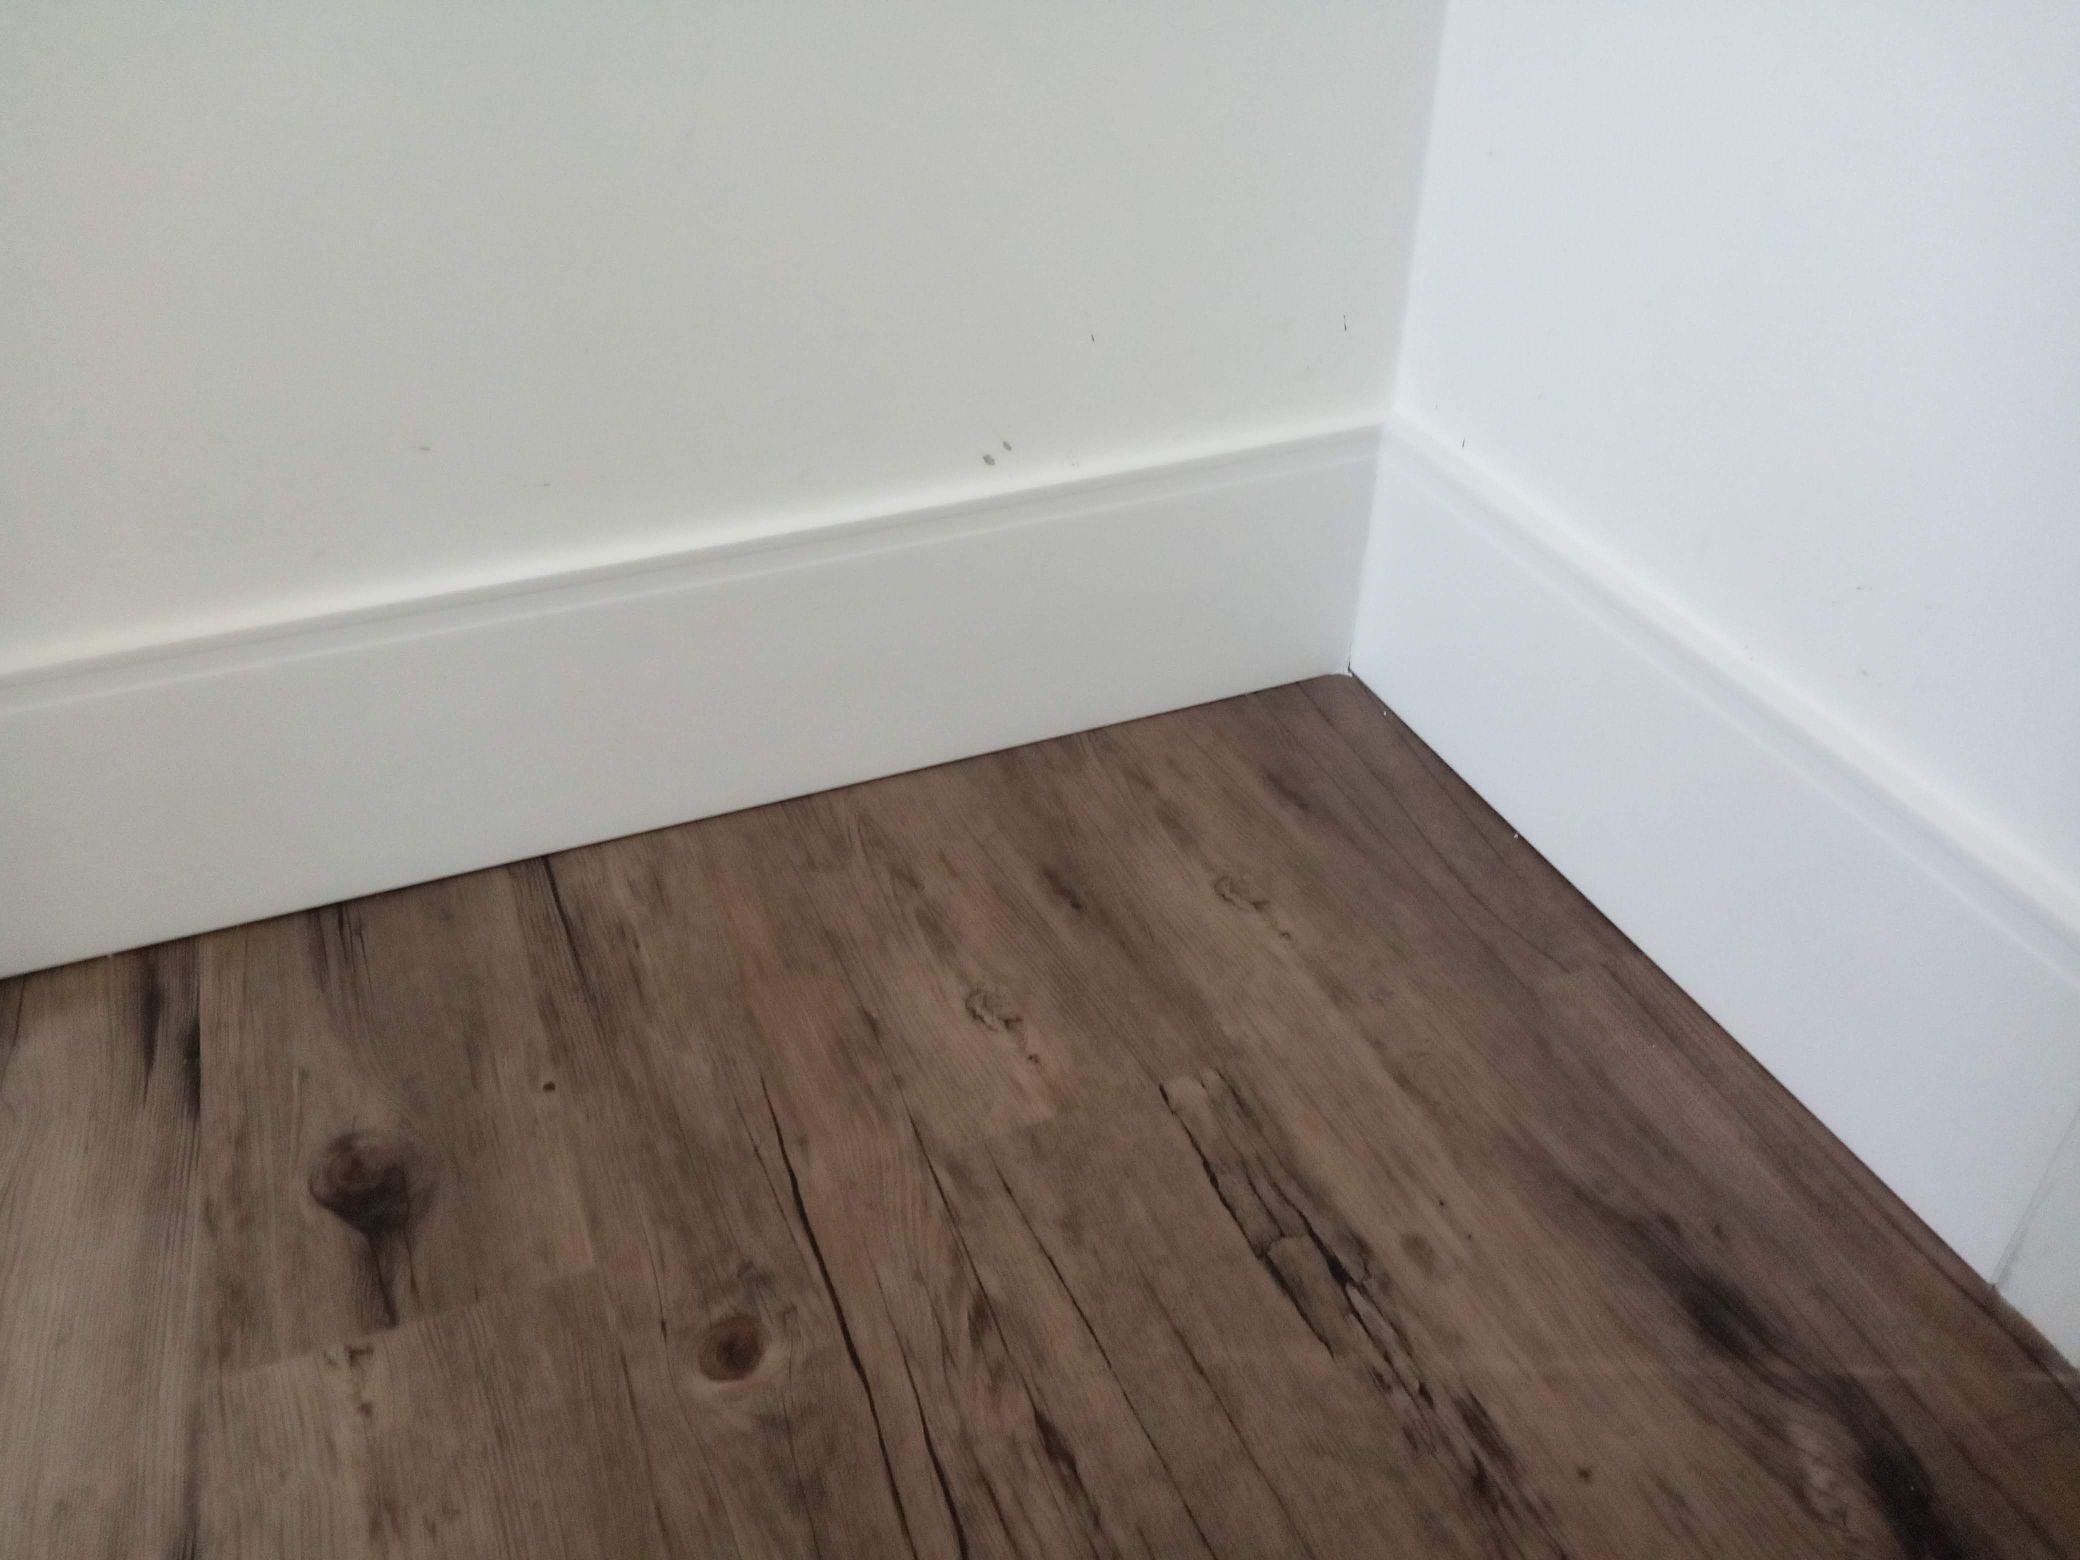 piso vinílico clik 5mm e rodapé santa luzia 20cm